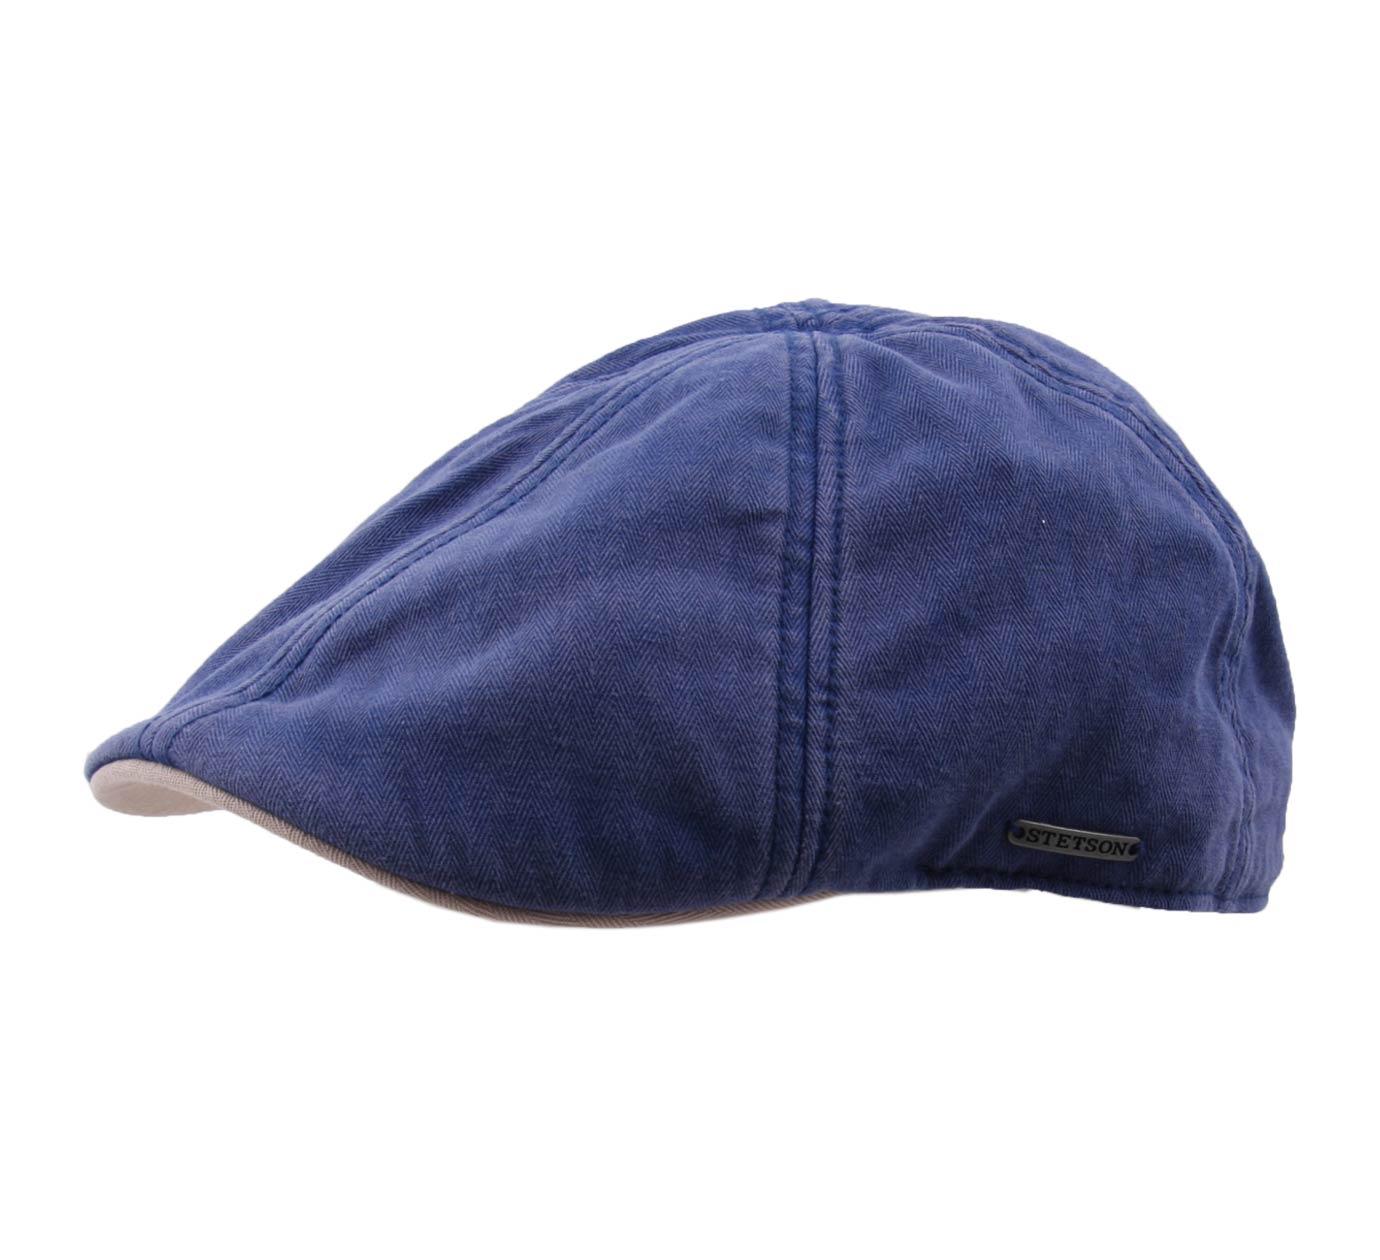 49906d5827 Texas Cotton - Caps Stetson